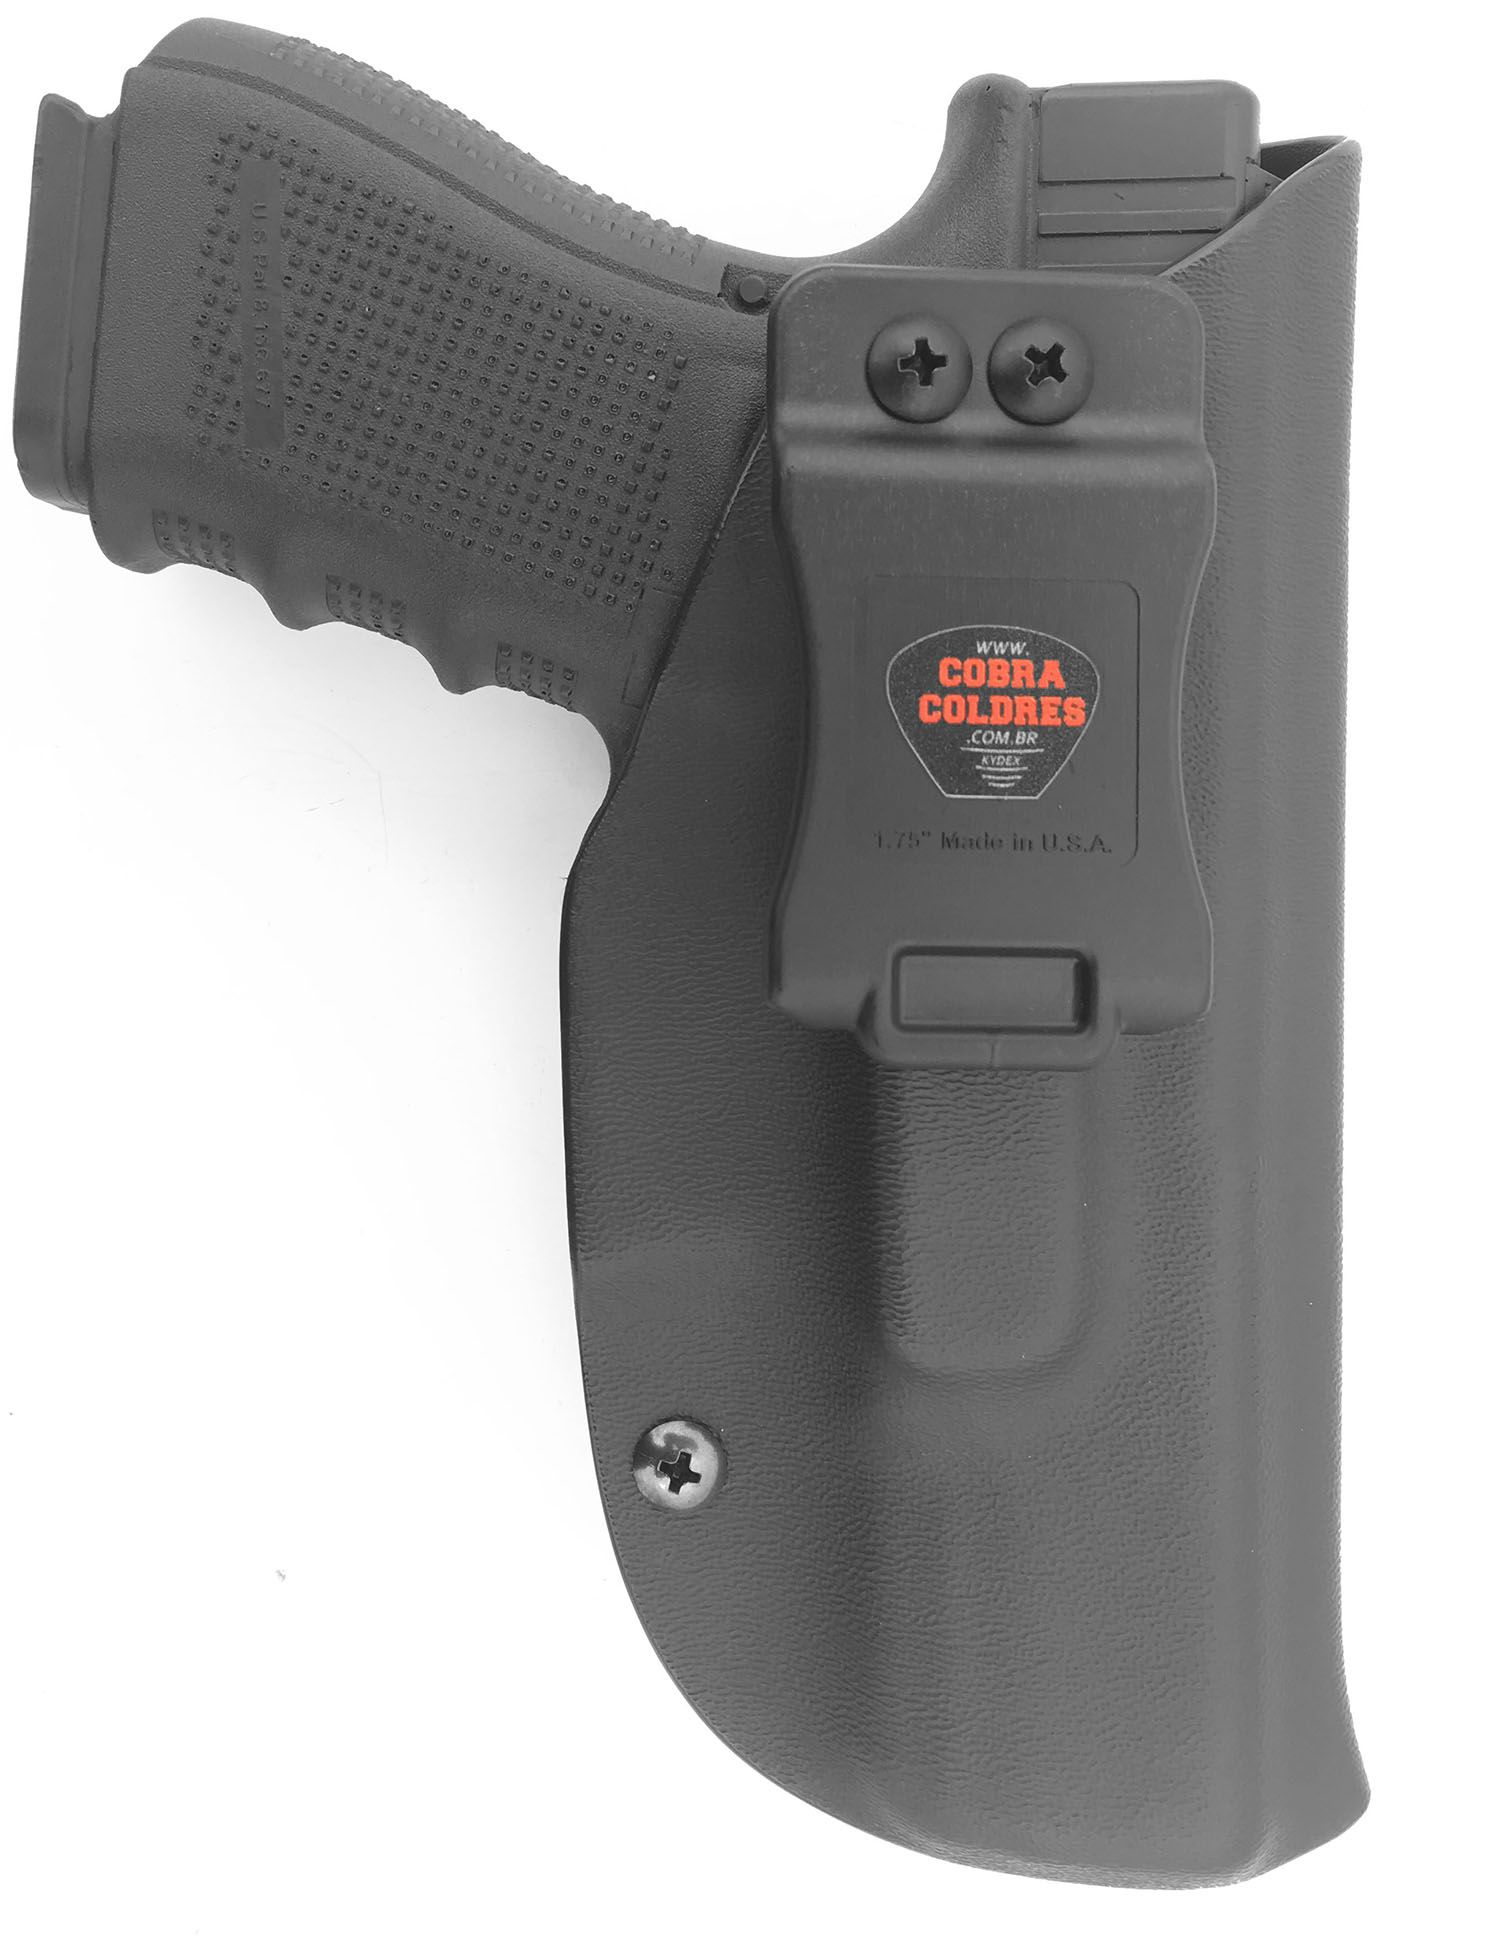 Coldre G25 / G19 / G23 / G32 / G38 Glock Saque Rápido Kydex